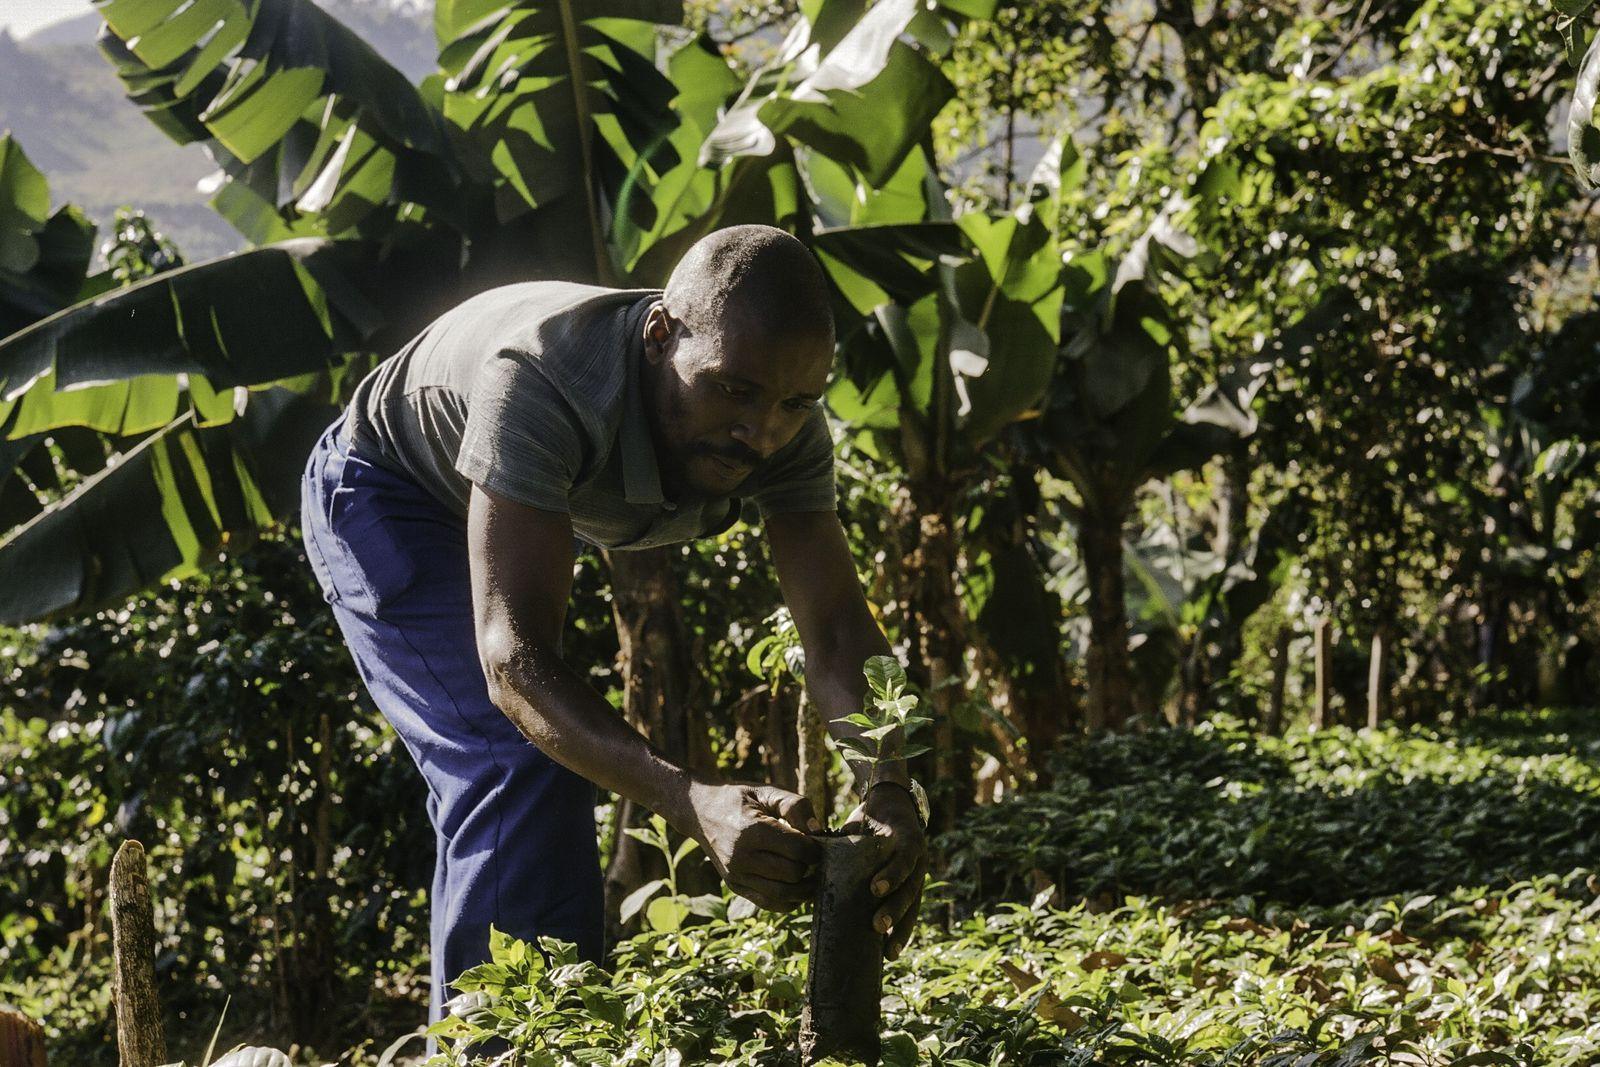 Zachariah Mukwinya, un caficultor del pueblo de Chavhanga, en el distrito de Mutasa, ha visto un ...